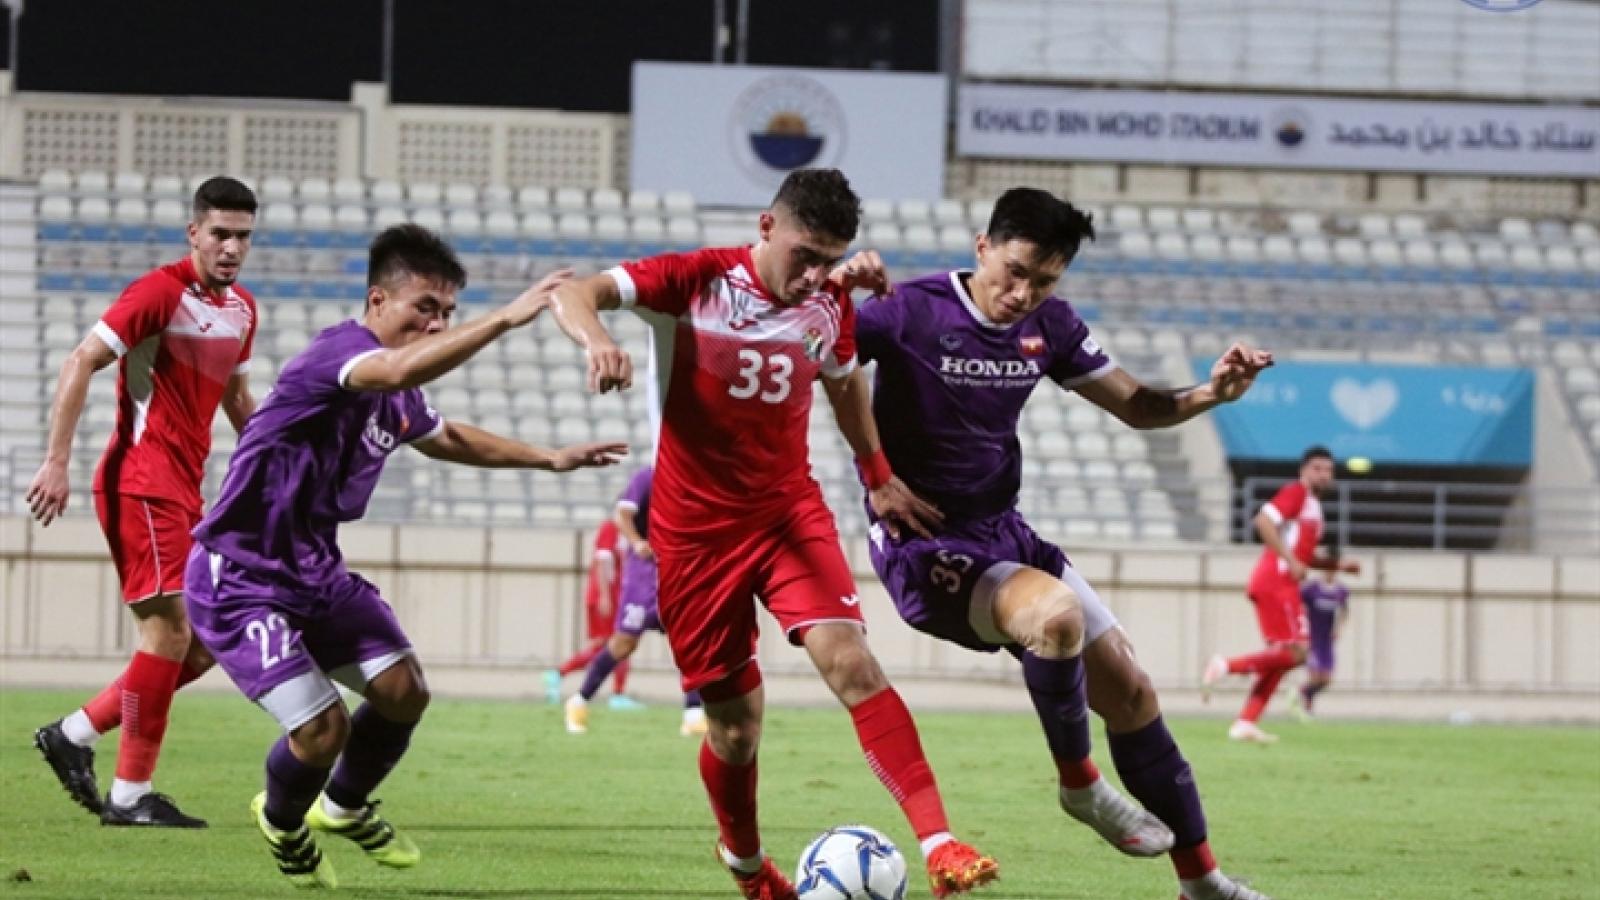 Vietnam 1-1 Jordan in friendly ahead of World Cup qualifiers